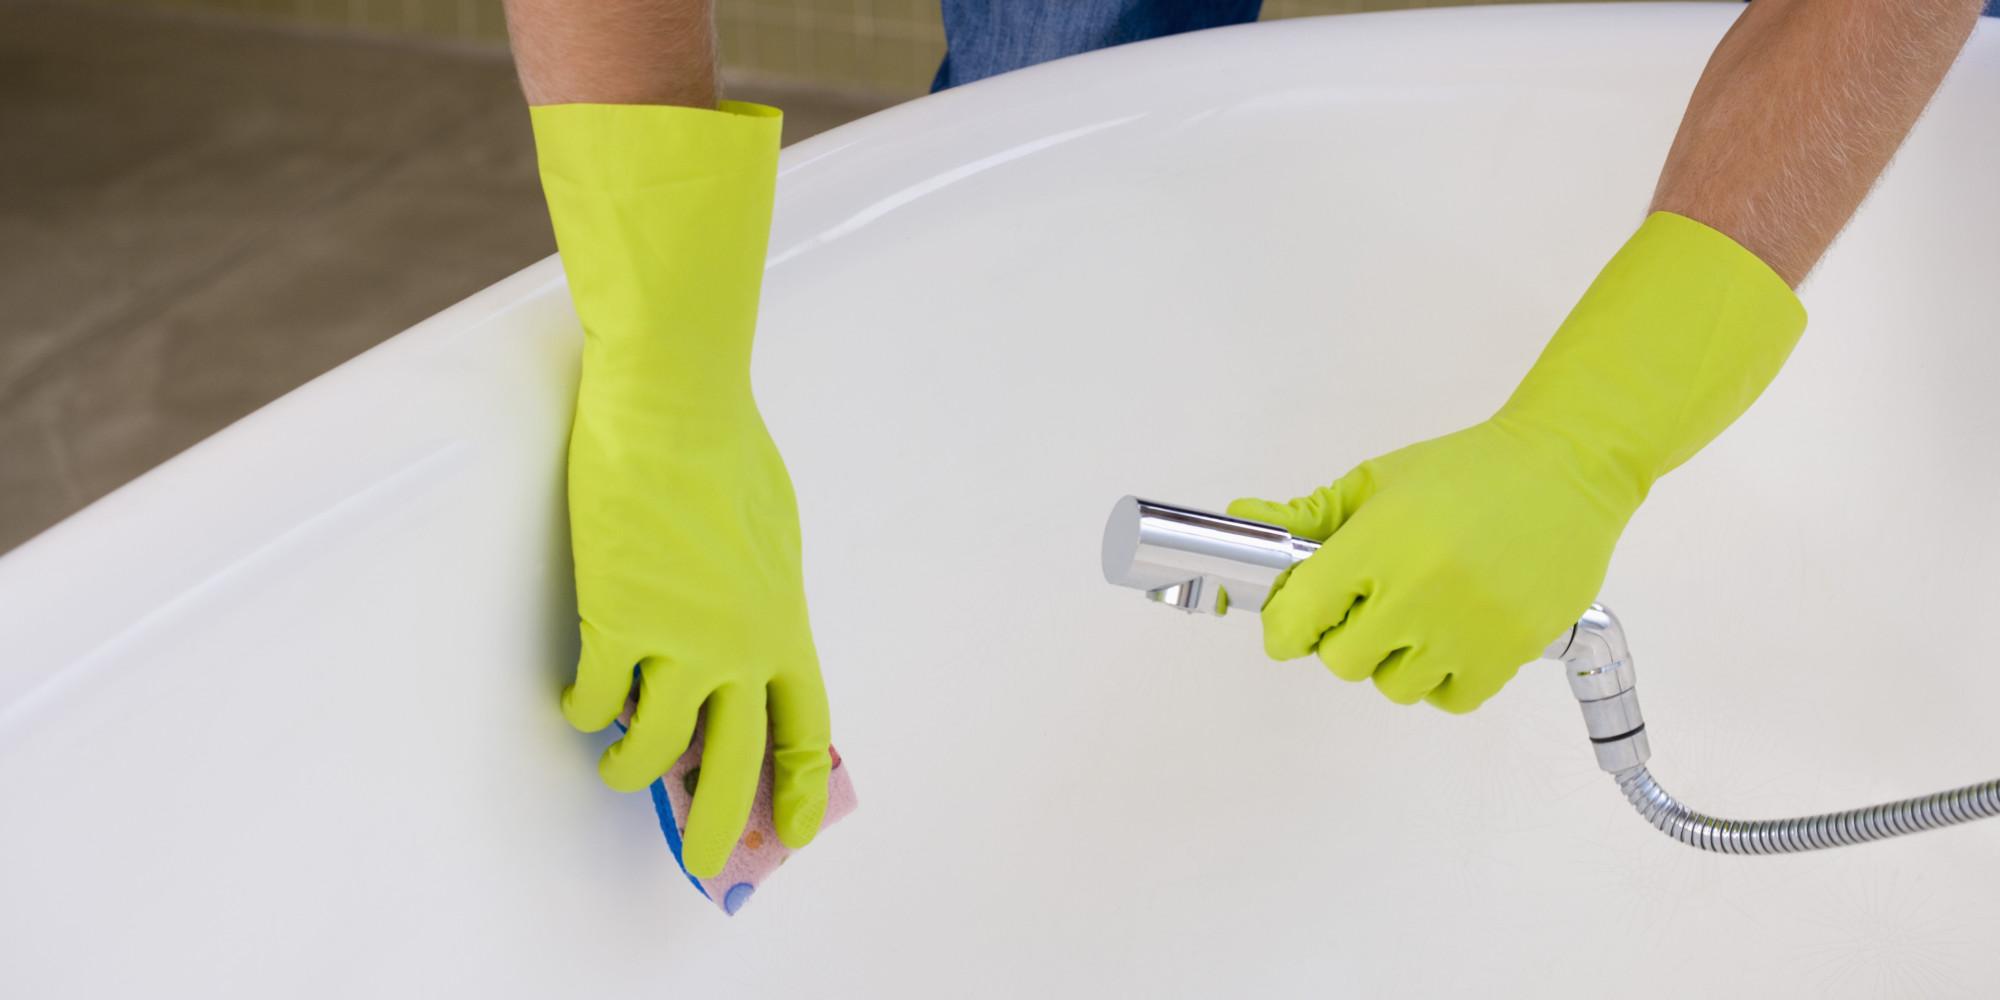 Как сделать пену для ванн из мыла в домашних условиях. Рецепт 57